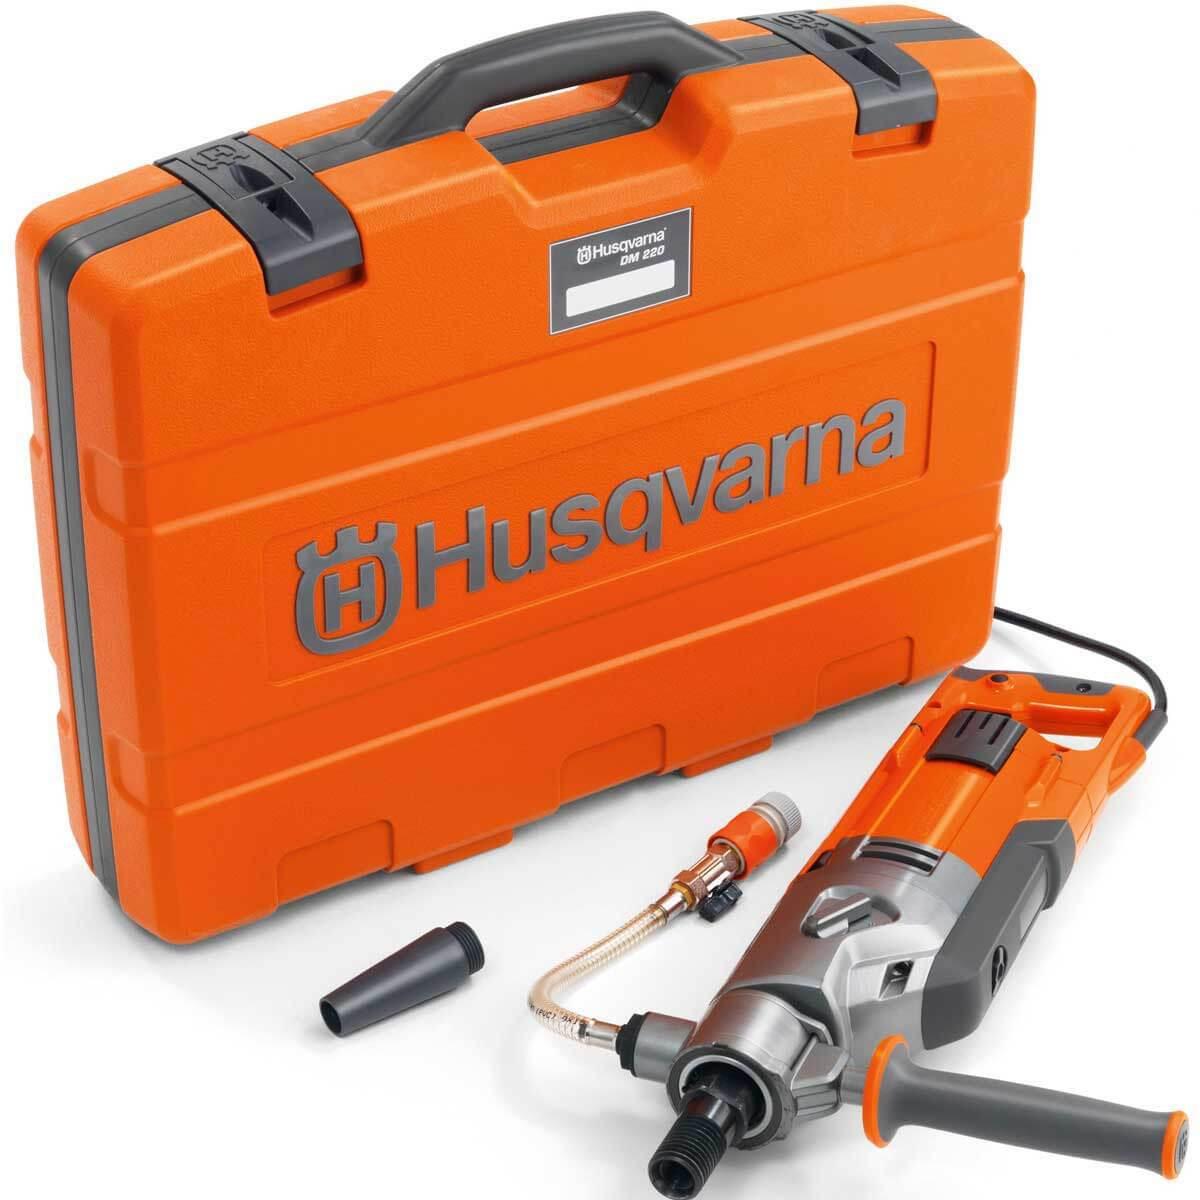 Husqvarna core drill DM220 case